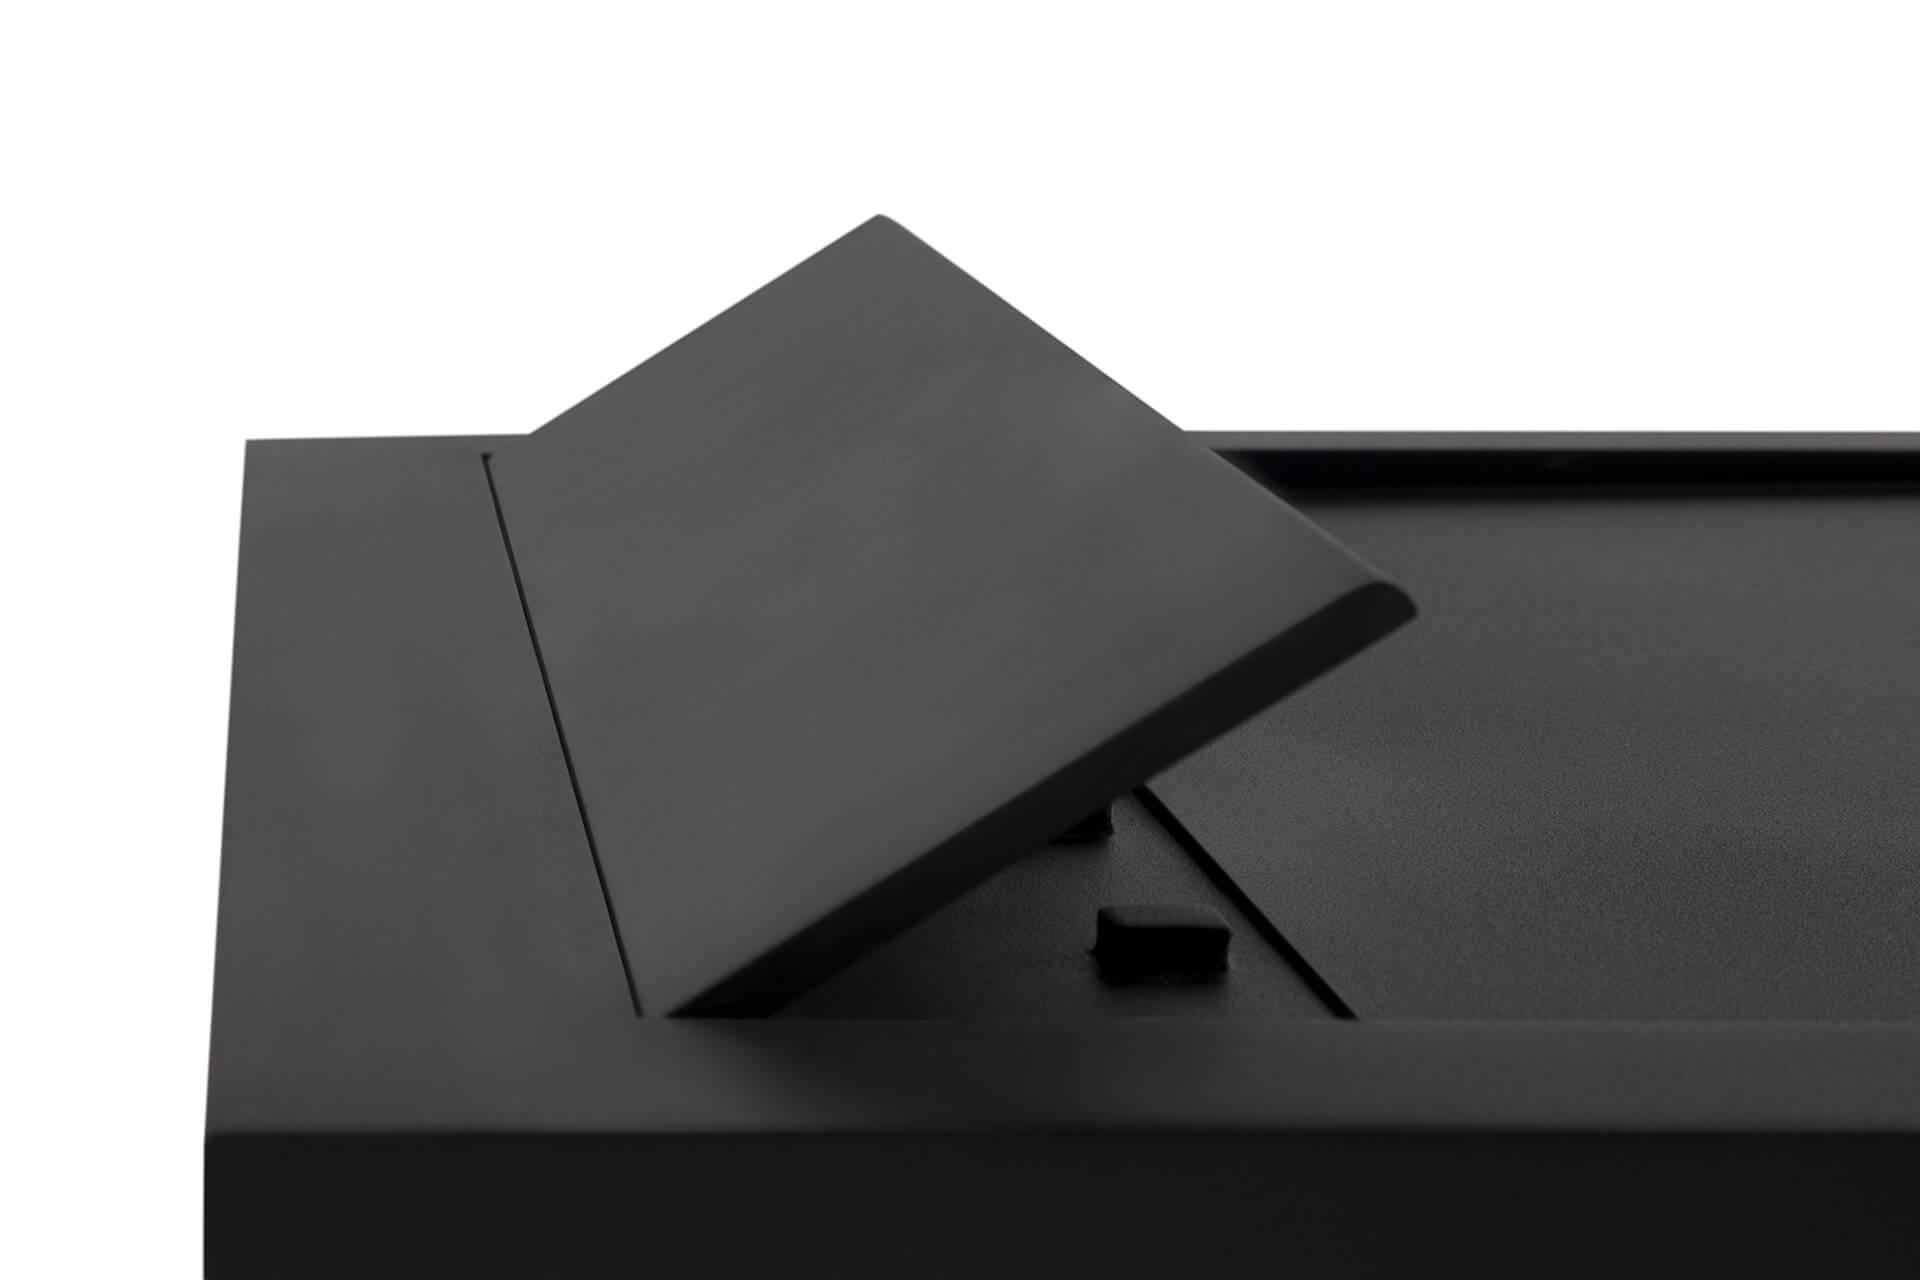 <p>Base Chuveiro Restone Hidden</p><p>Base de chuveiro com 3 cm de espessura composta por uma combinação de resinas e cargas minerais naturais, proporcionando um acabamento resistente, não poroso e homogéneo.  Disponível em qualquer cor (pode ser feita a partir de RAL) e em qualquer tamanho    </p>